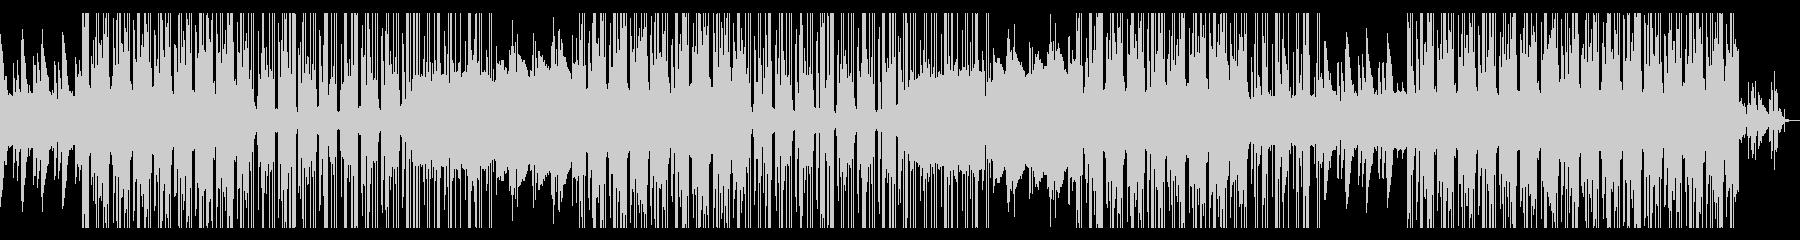 ローファイでお洒落なピアノトラックの未再生の波形